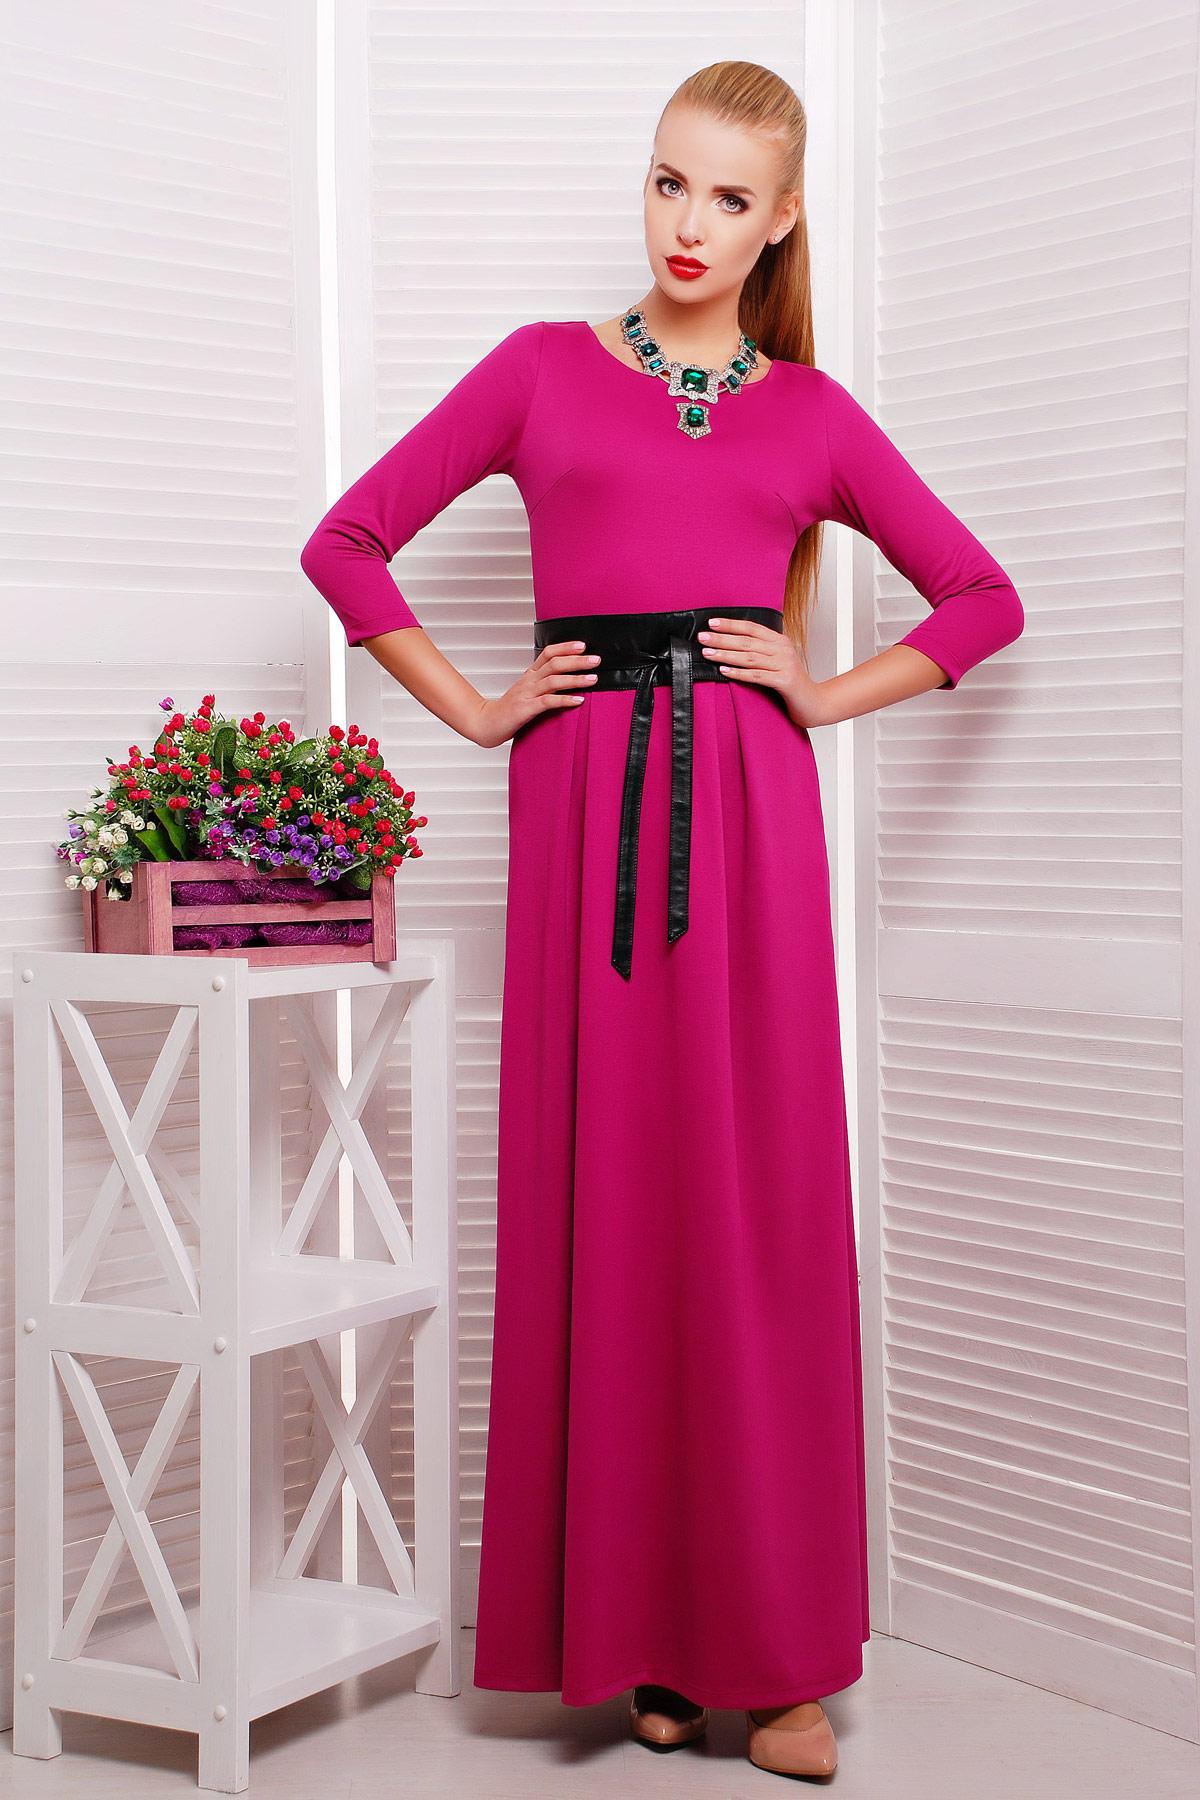 e4239916093 Платье Шарли3 д р. Цвет  фуксия - купить оптом и в розницу в Украине